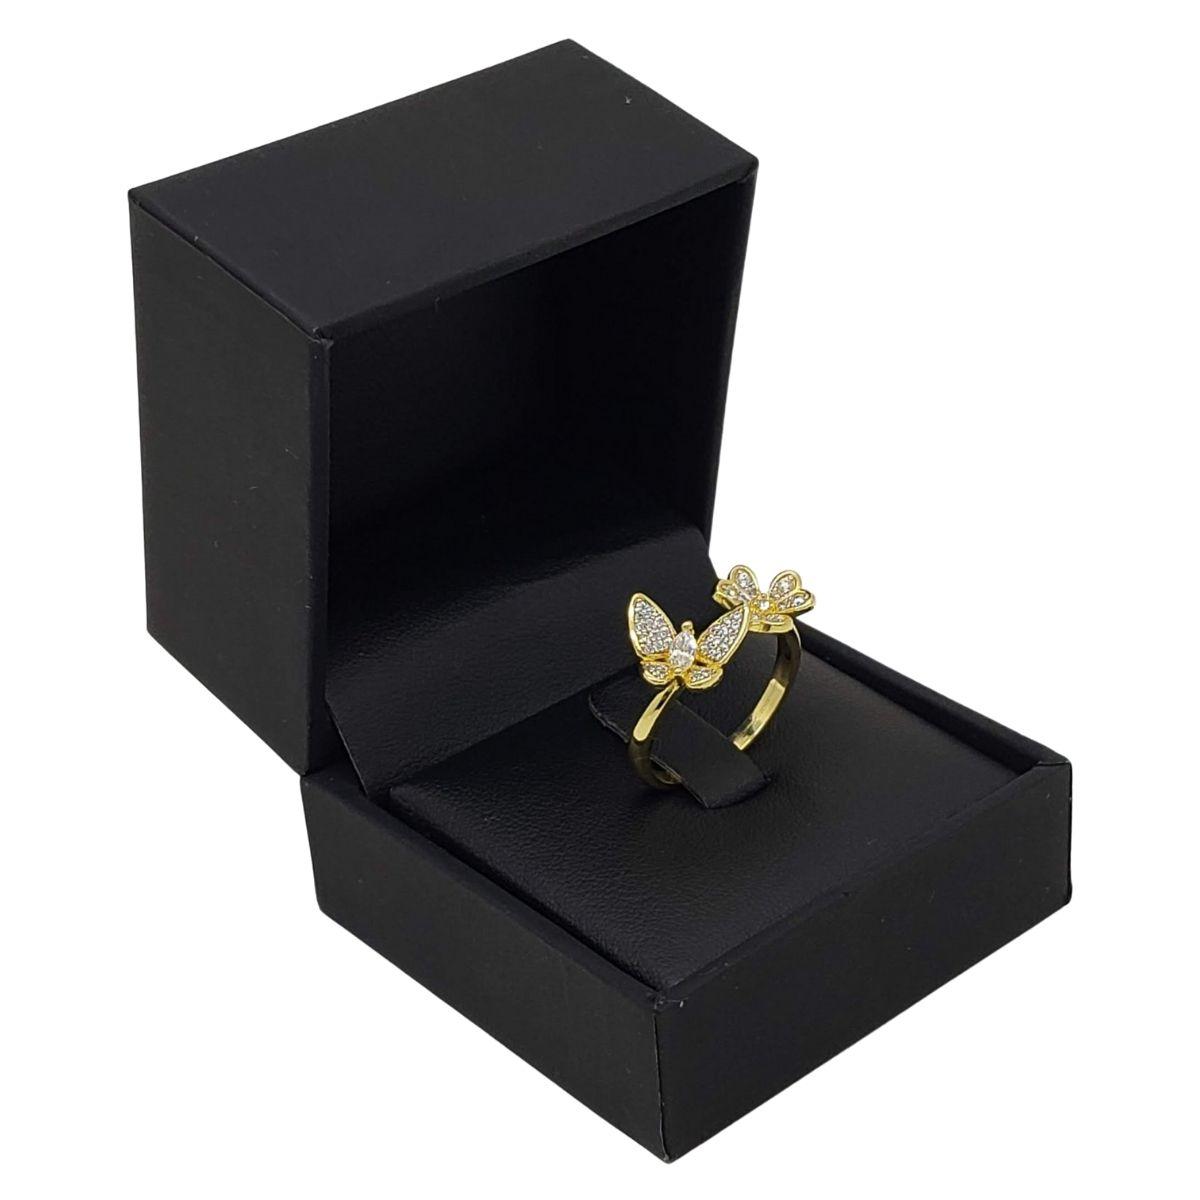 Anel Borboleta E Flor Cravejado Com Zirconias Banho De Ouro 18k 2617